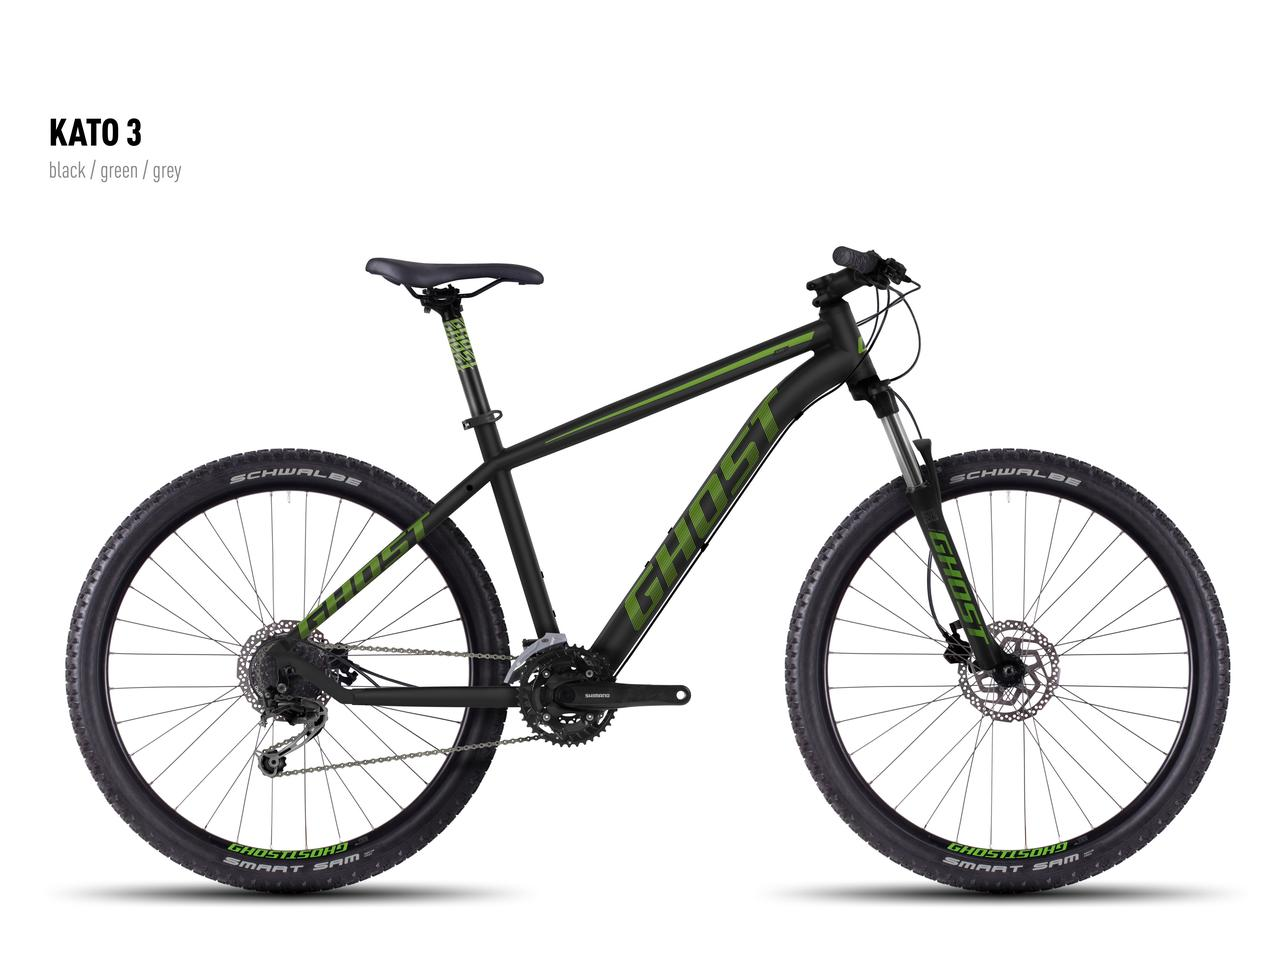 """Велосипед Ghost 27,5"""" Kato3 2016 рама L чорний/зелений black/green/gray (16KA3732)"""